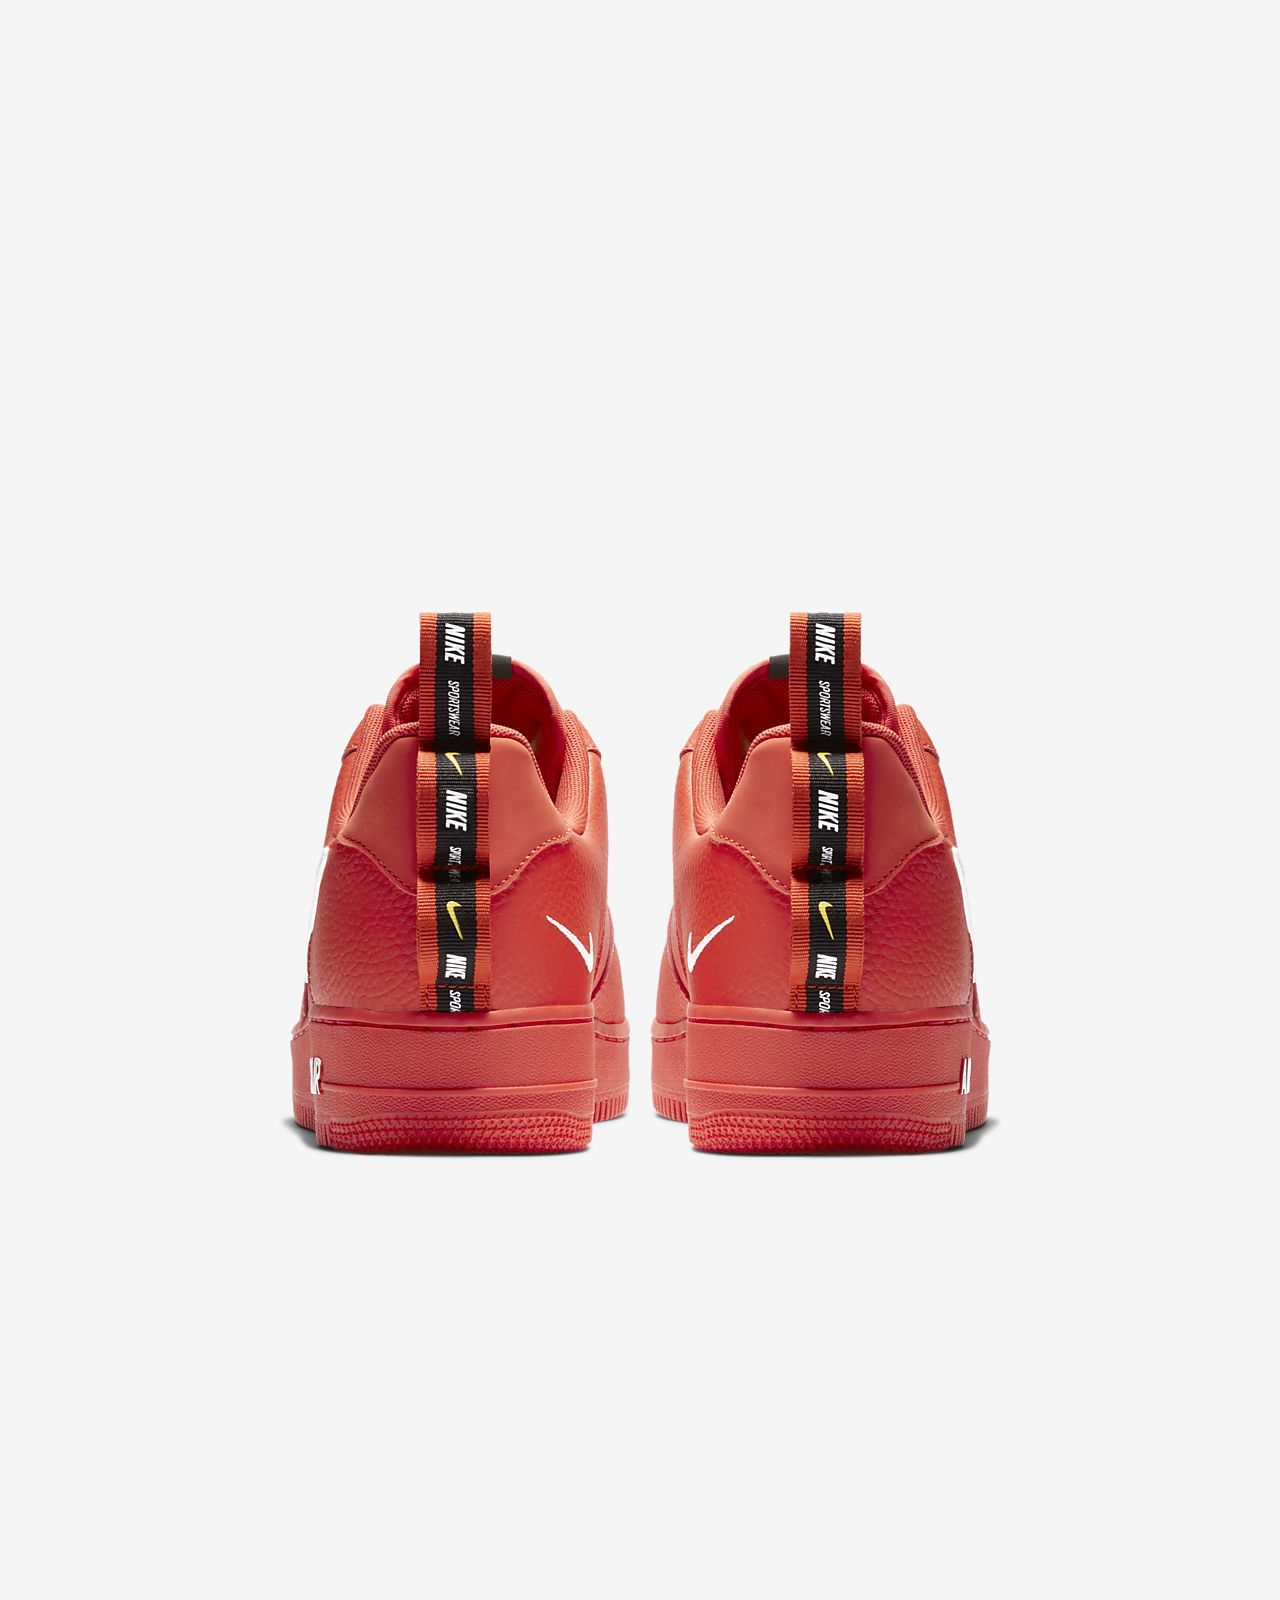 separation shoes a80ff d106d ... Nike Air Force 1 07 LV8 Utility Mens Shoe